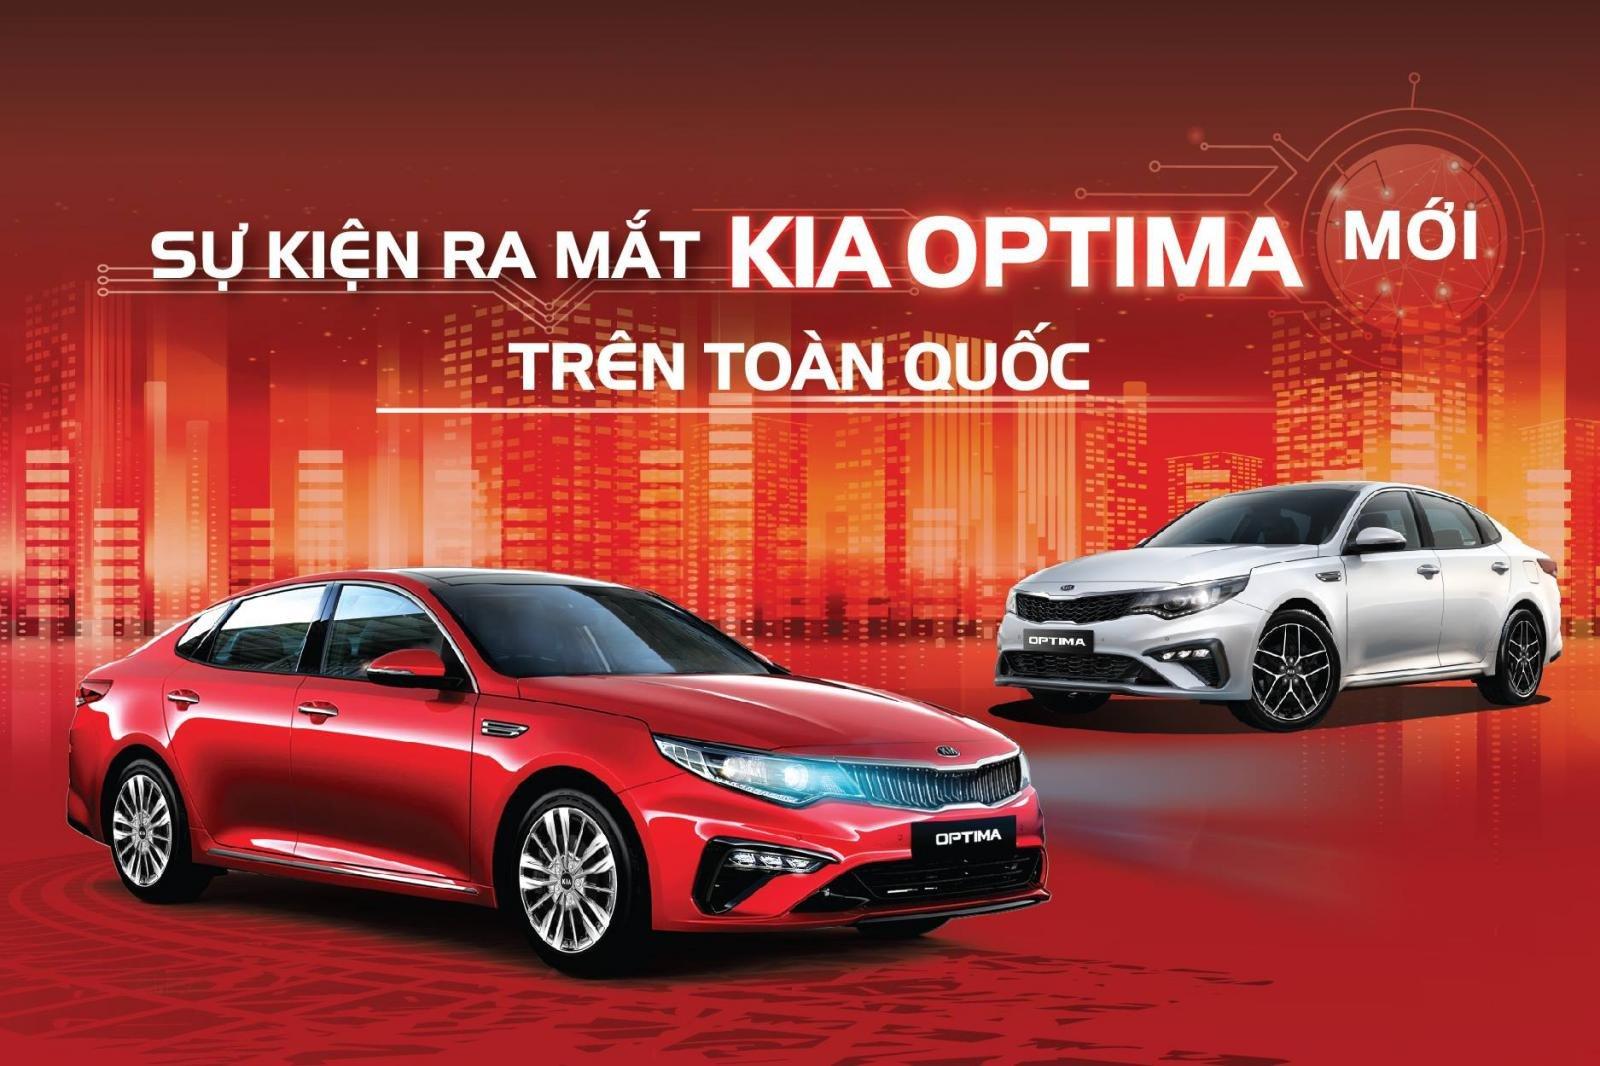 Kia Optima 2019 sẽ chính thức ra mắt thị trường Việt vào ngày 20/4.